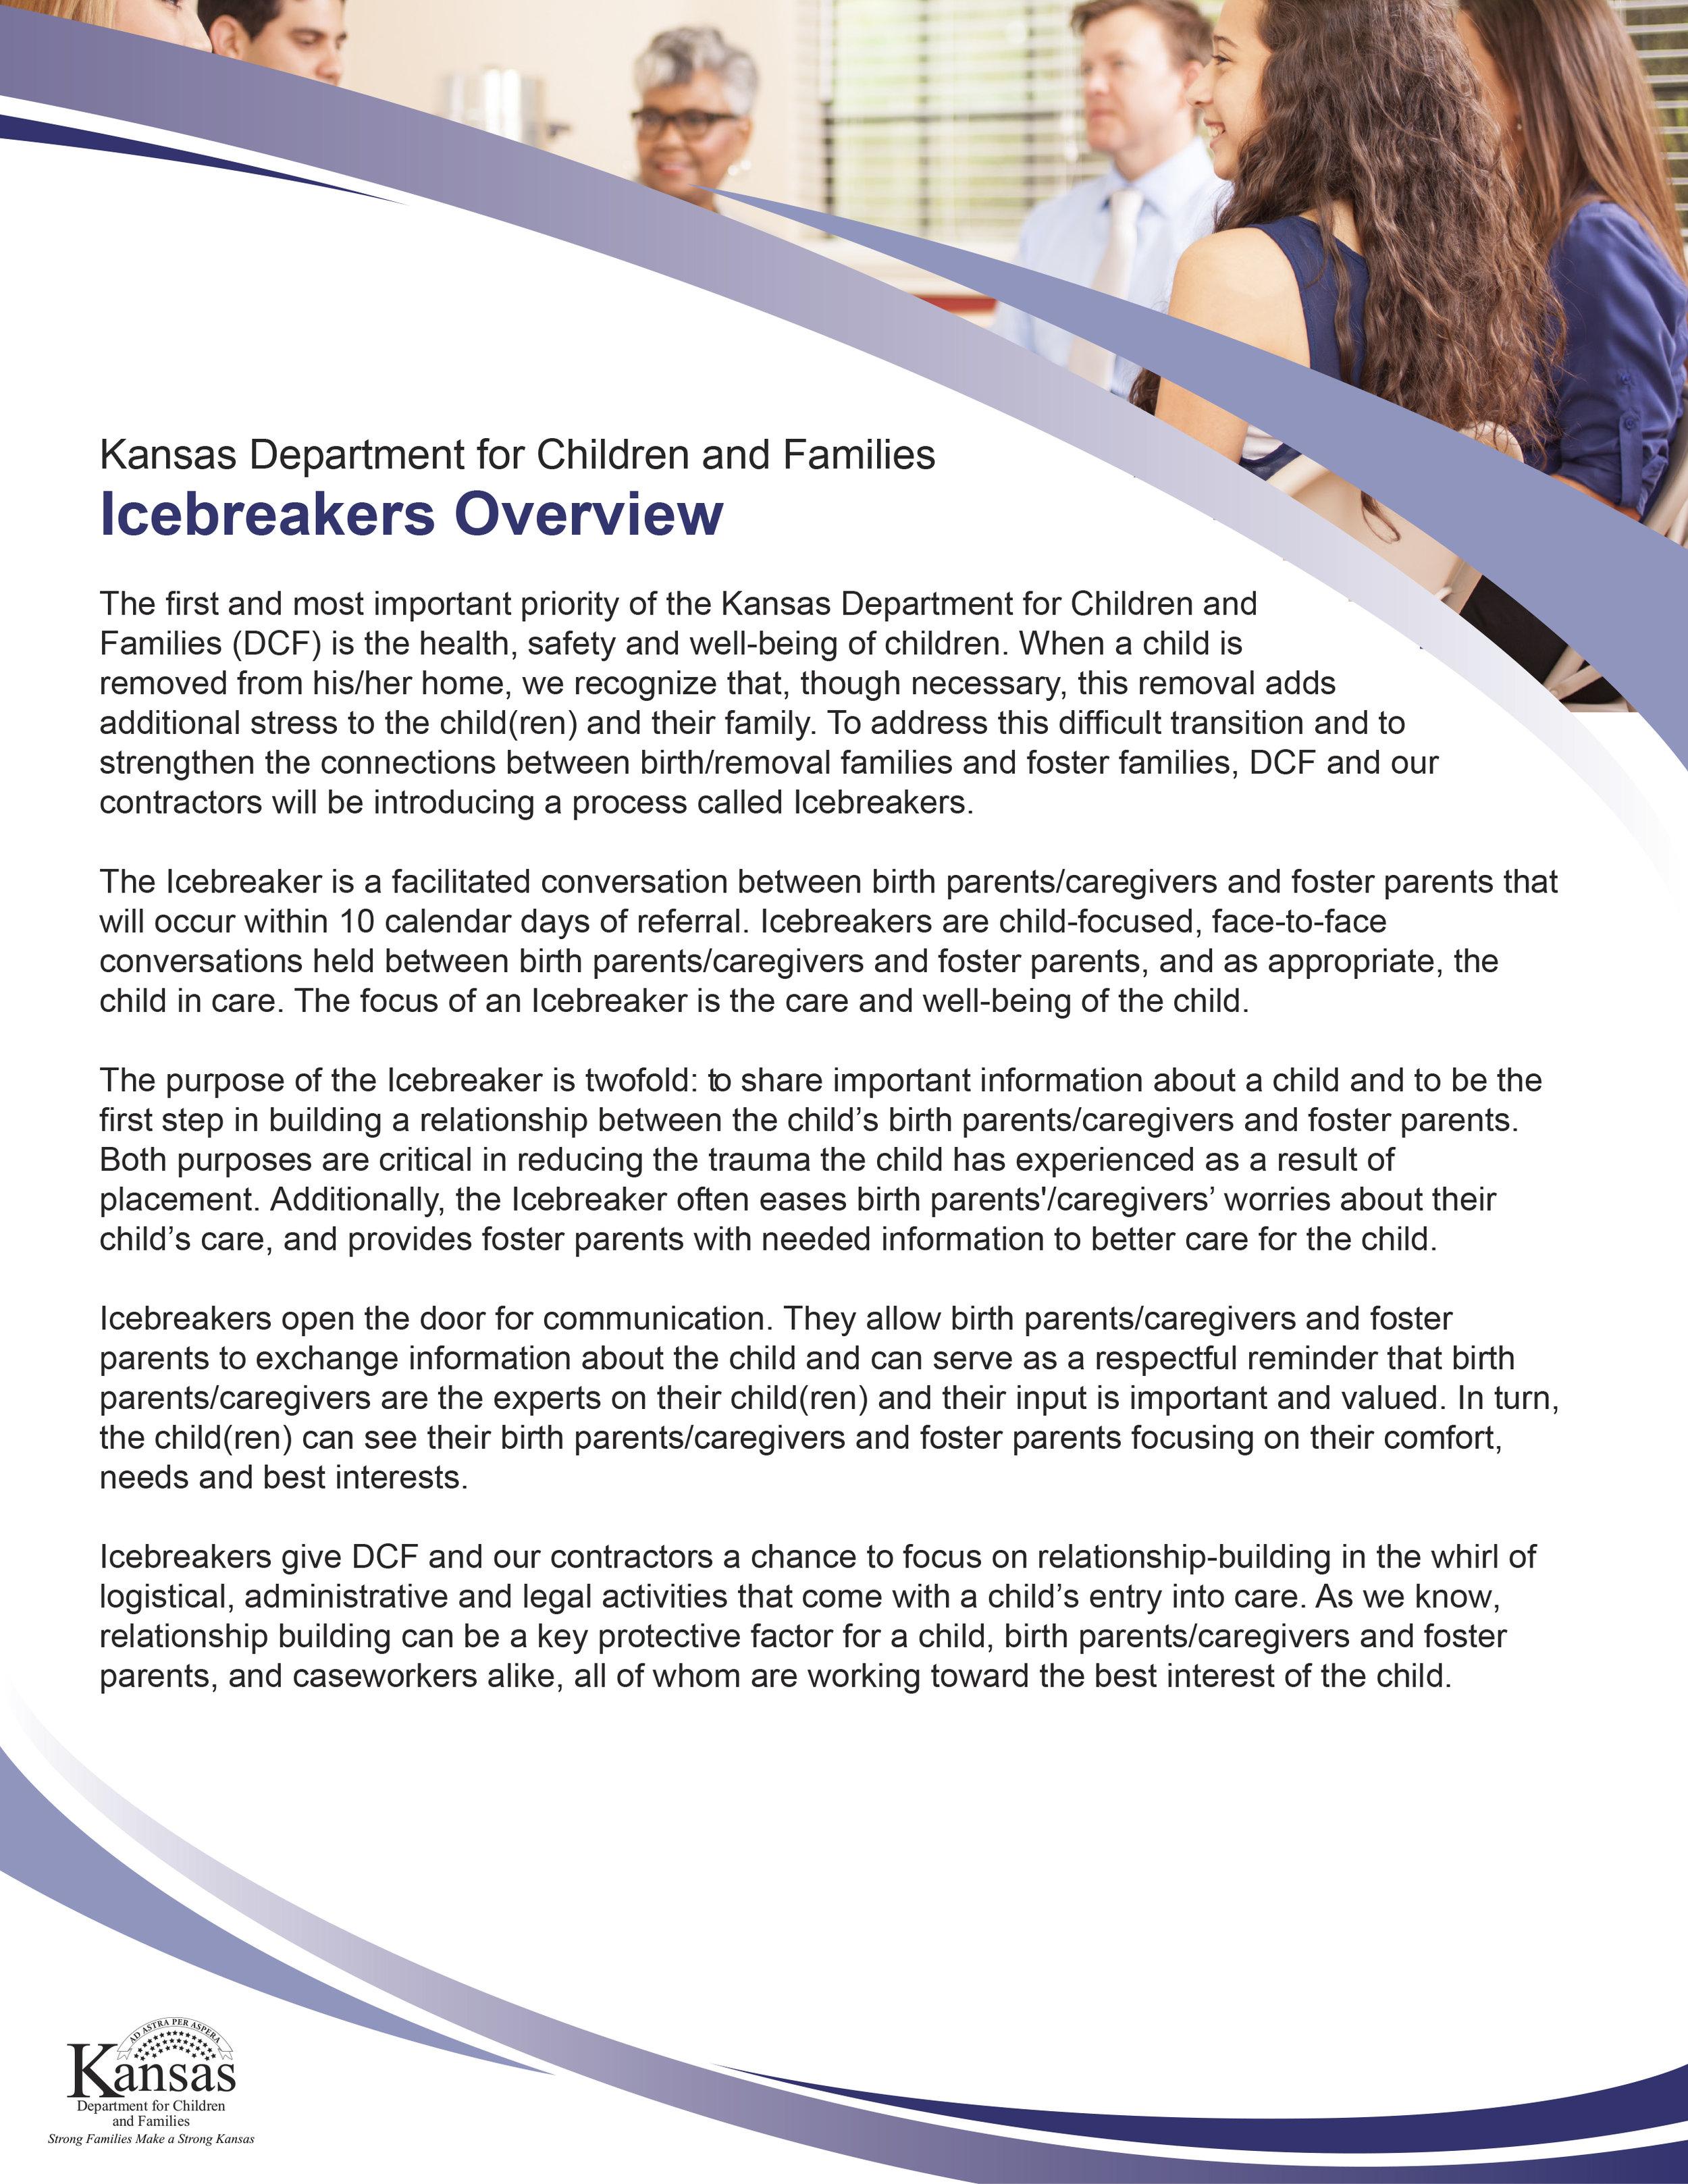 Icebreakers Overview-1.jpg